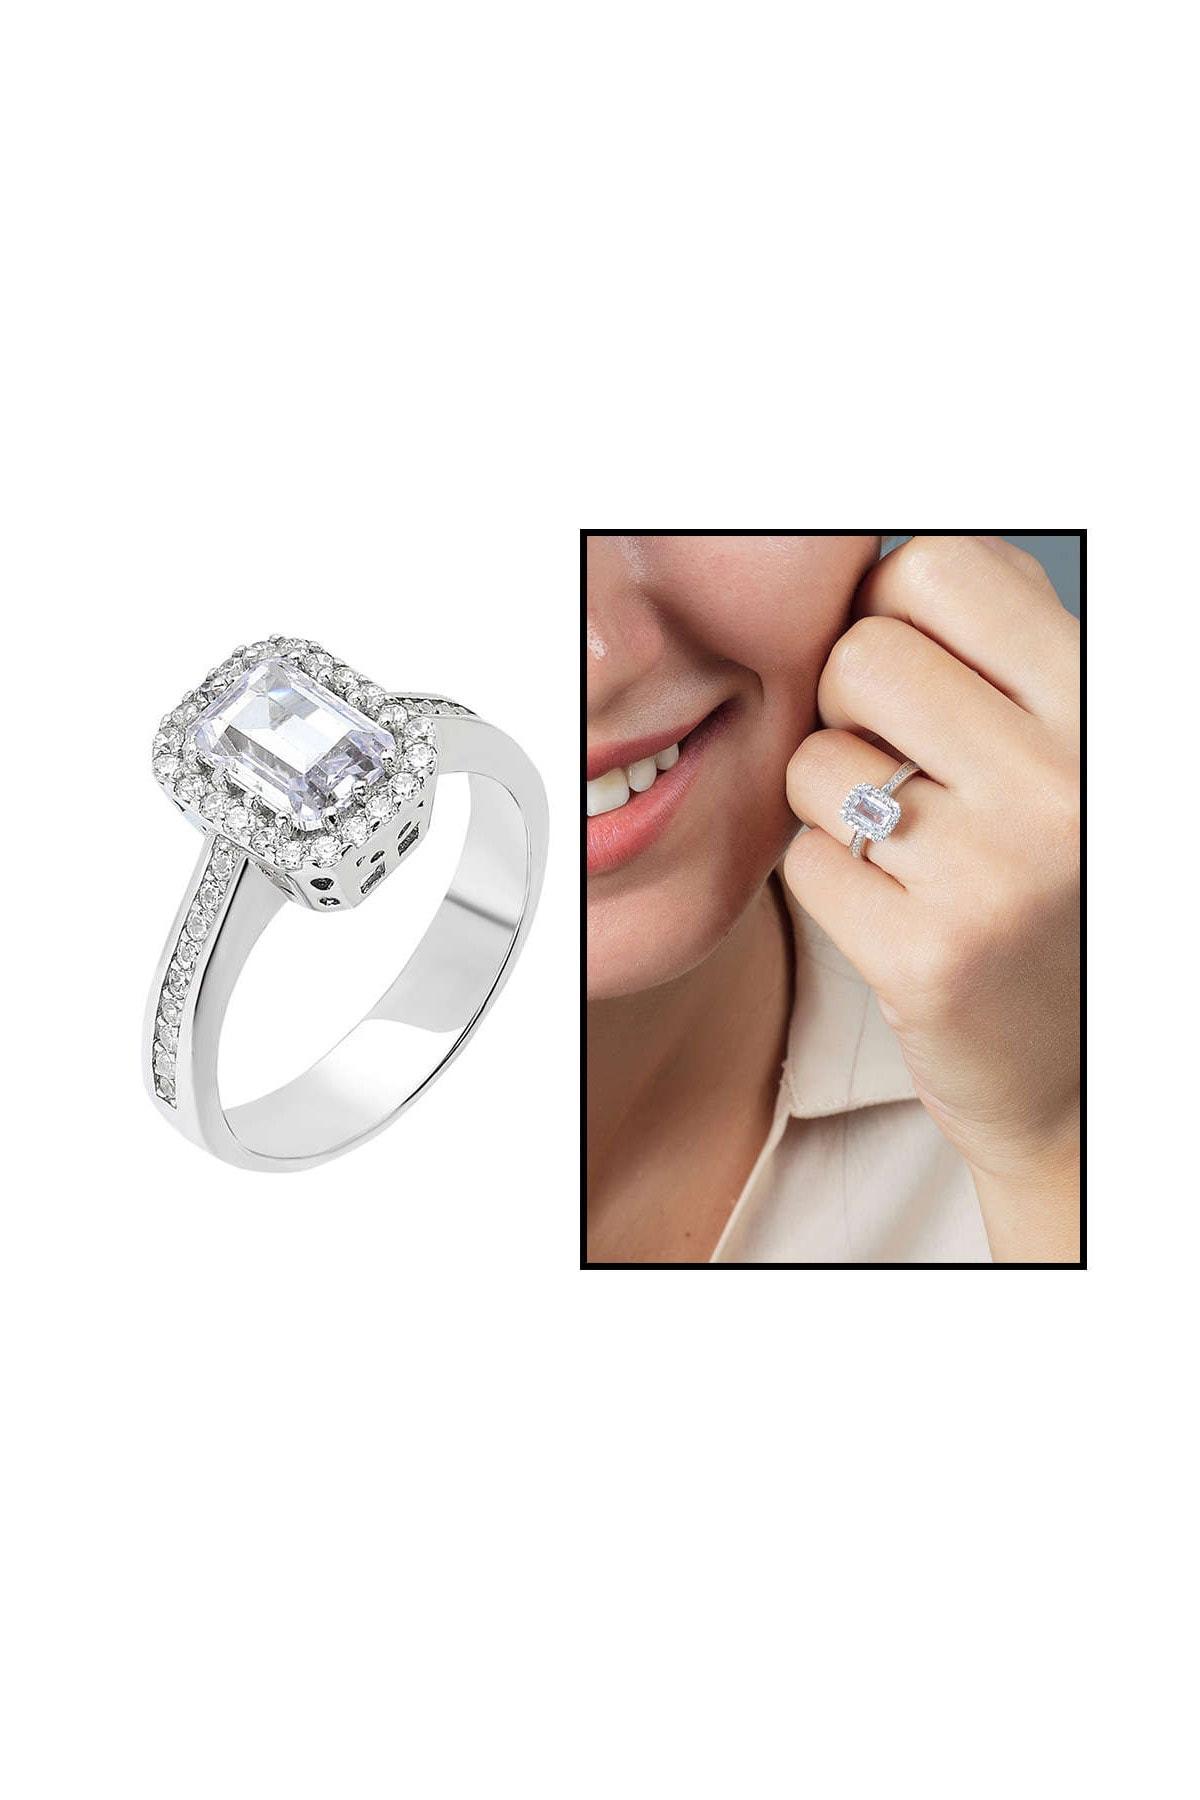 Tesbihane Starlight Diamond Pırlanta Montür Zarif Tasarım 925 Ayar Gümüş Bayan Baget Yüzük 102001798 1